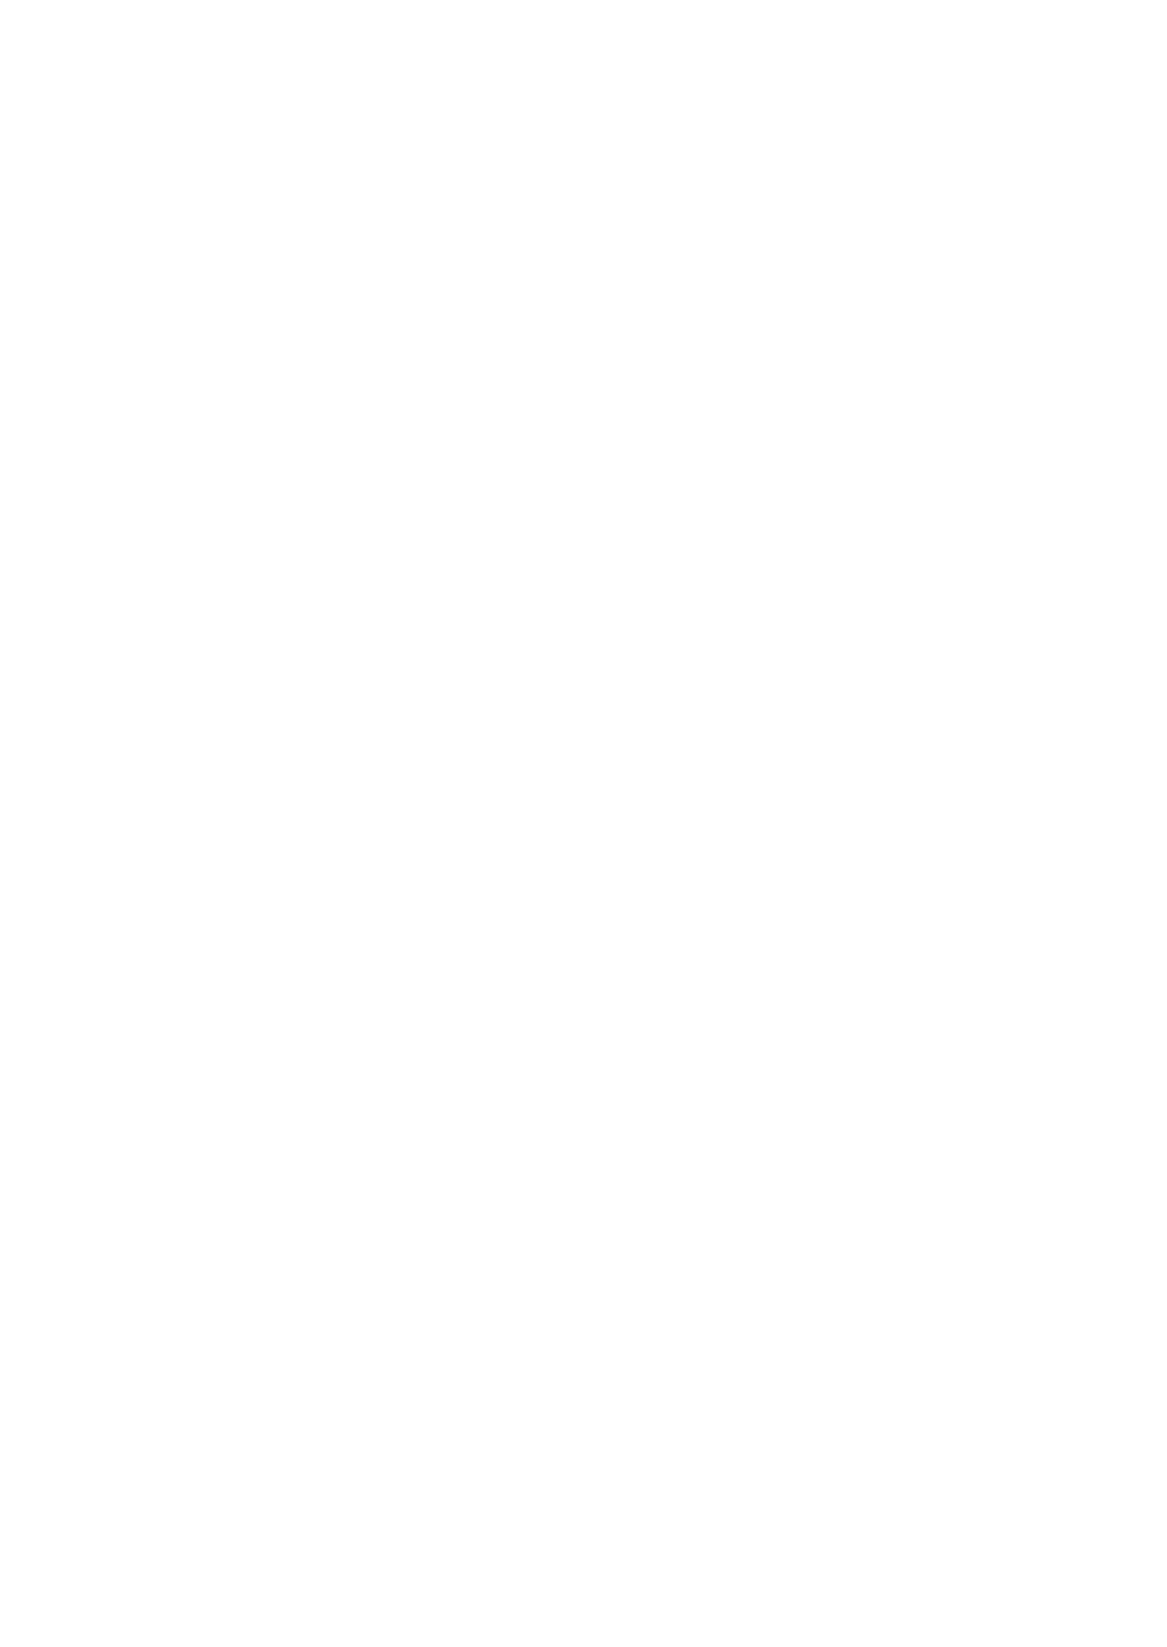 AdvantageProgIcons_RGB_Platinum-tag